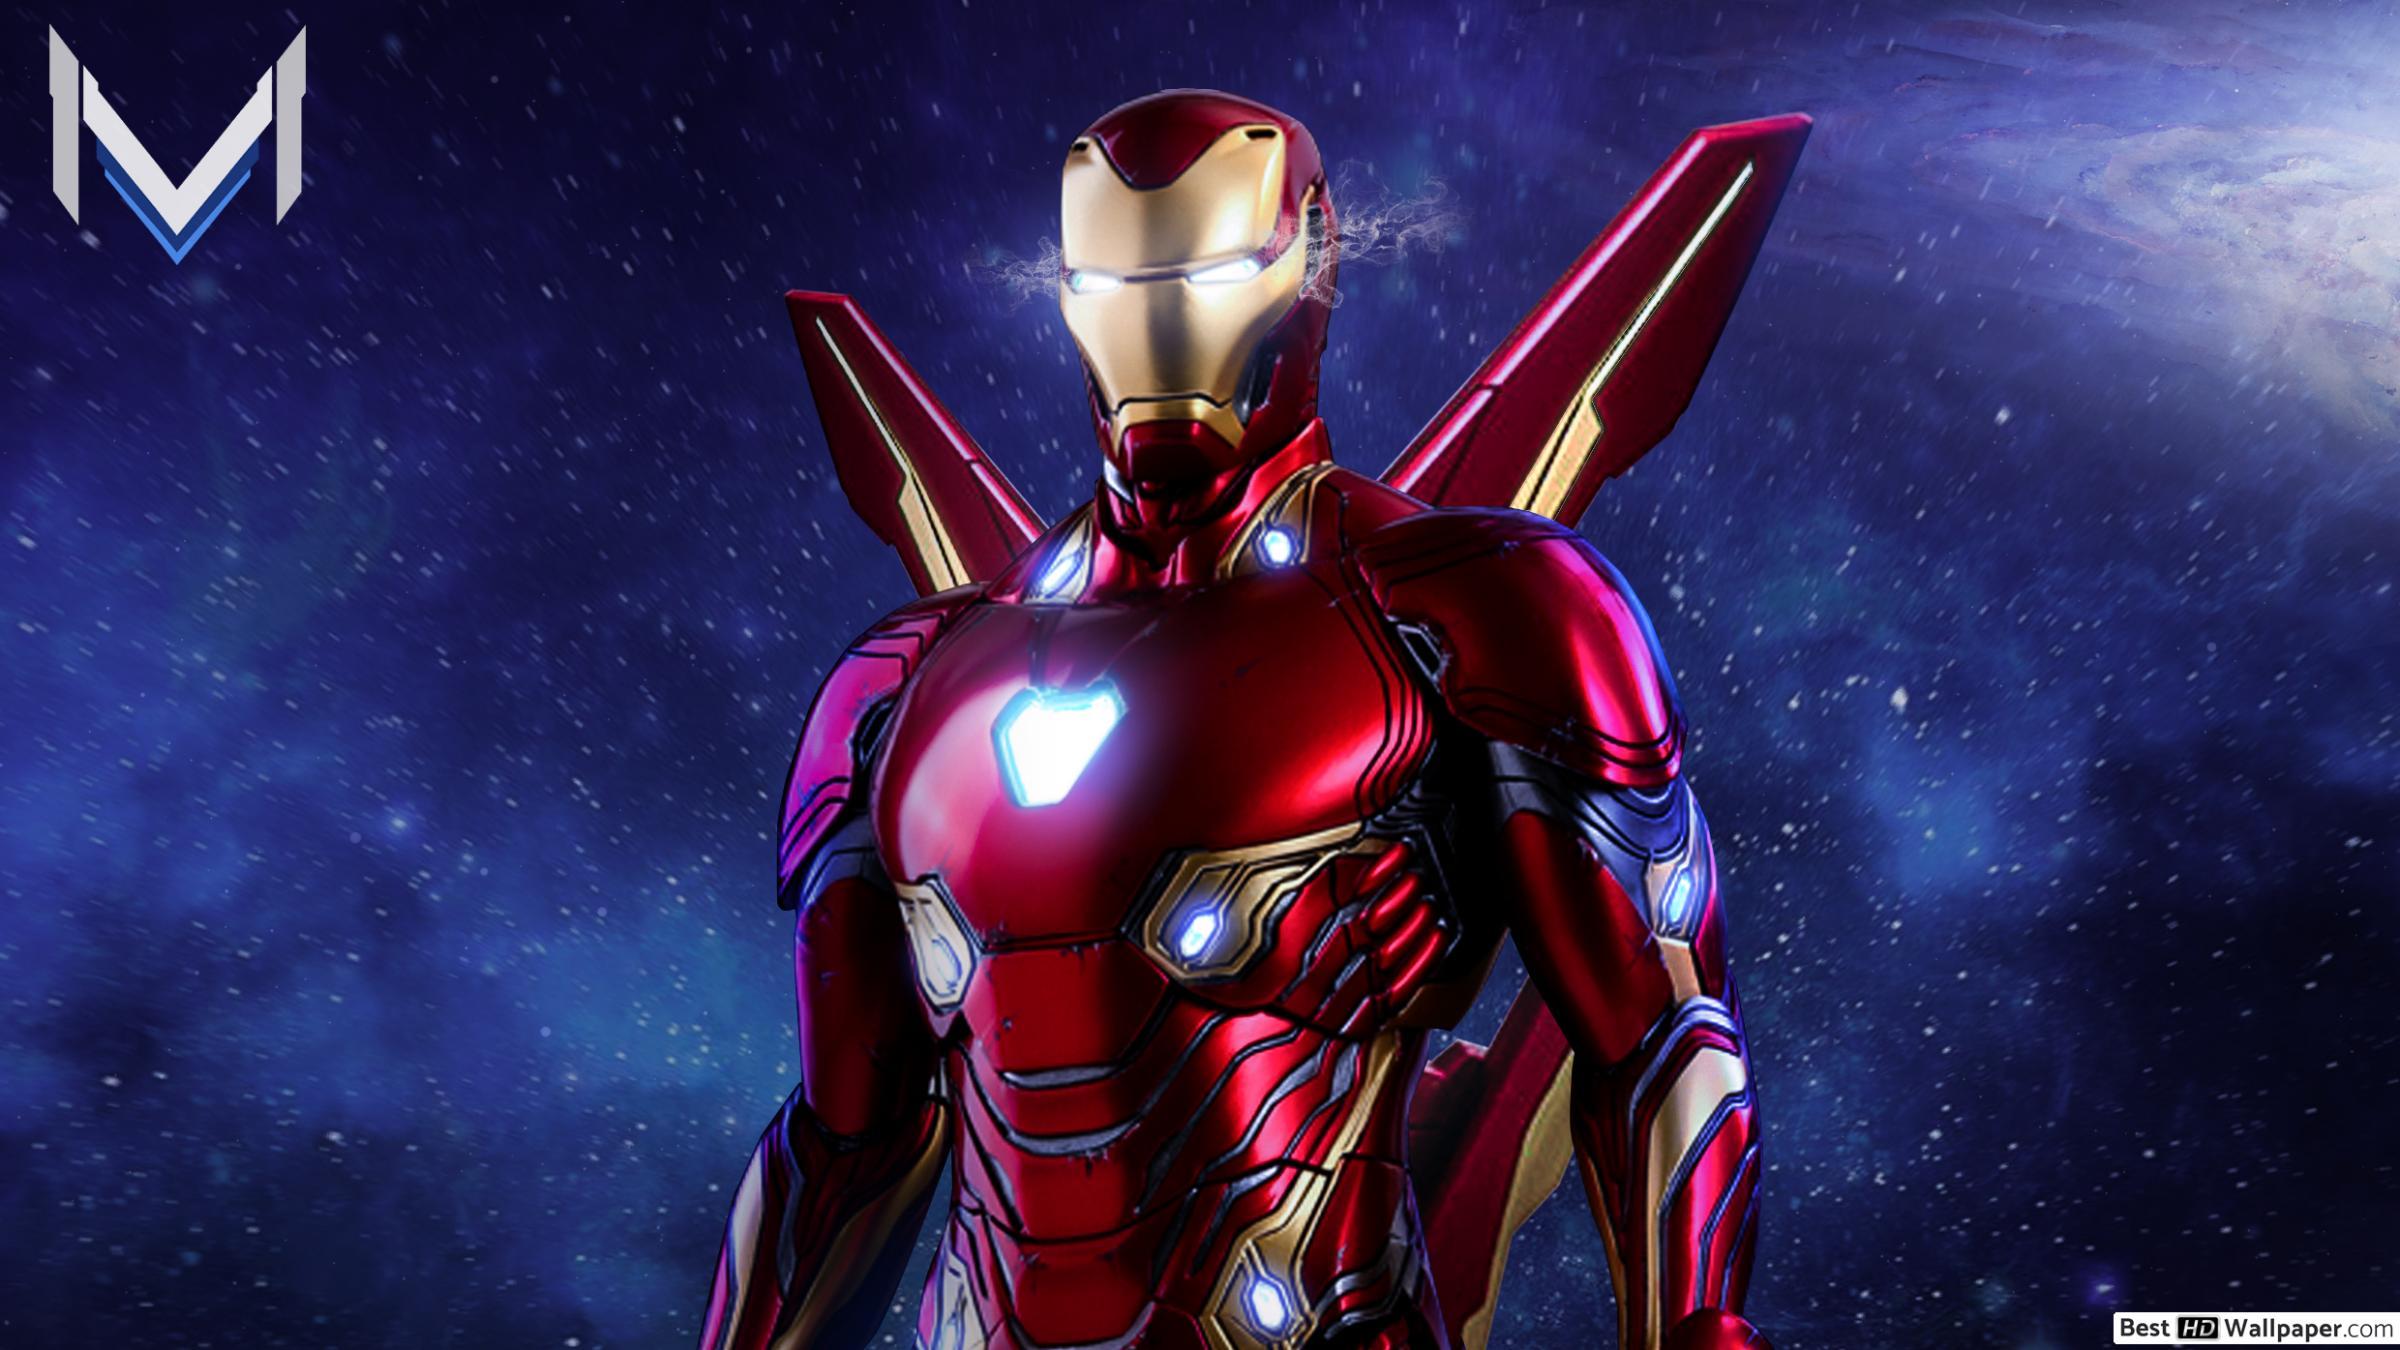 Iron Man Infinity War Hd 2400x1350 Download Hd Wallpaper Wallpapertip